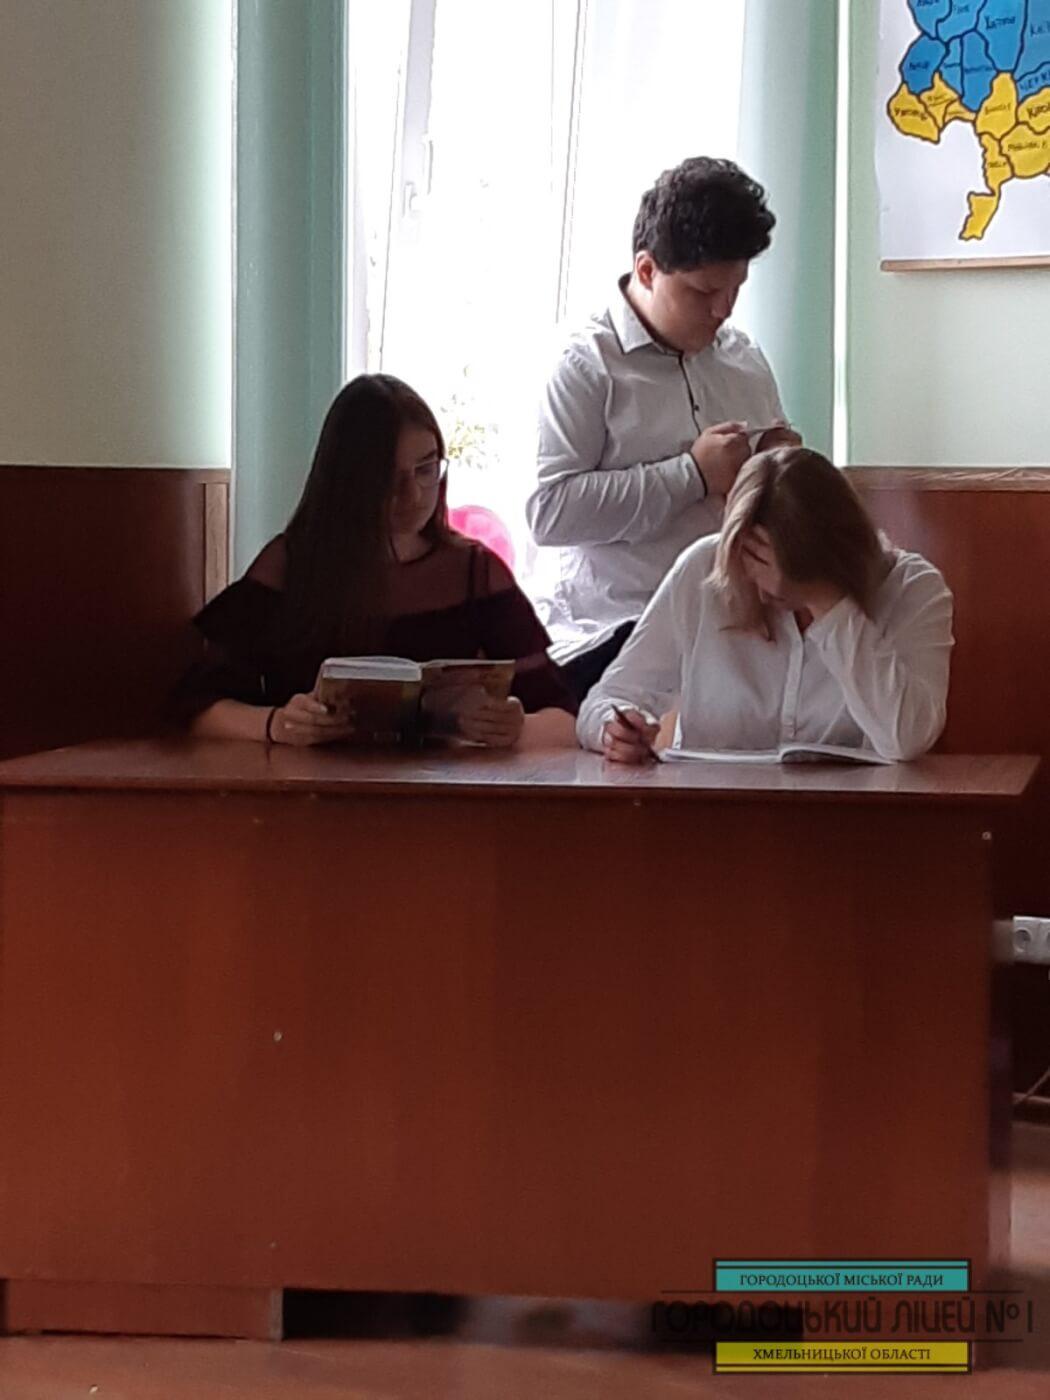 zobrazhennya viber 2019 10 04 16 53 03 - Учитель - не просто професія, це покликання...